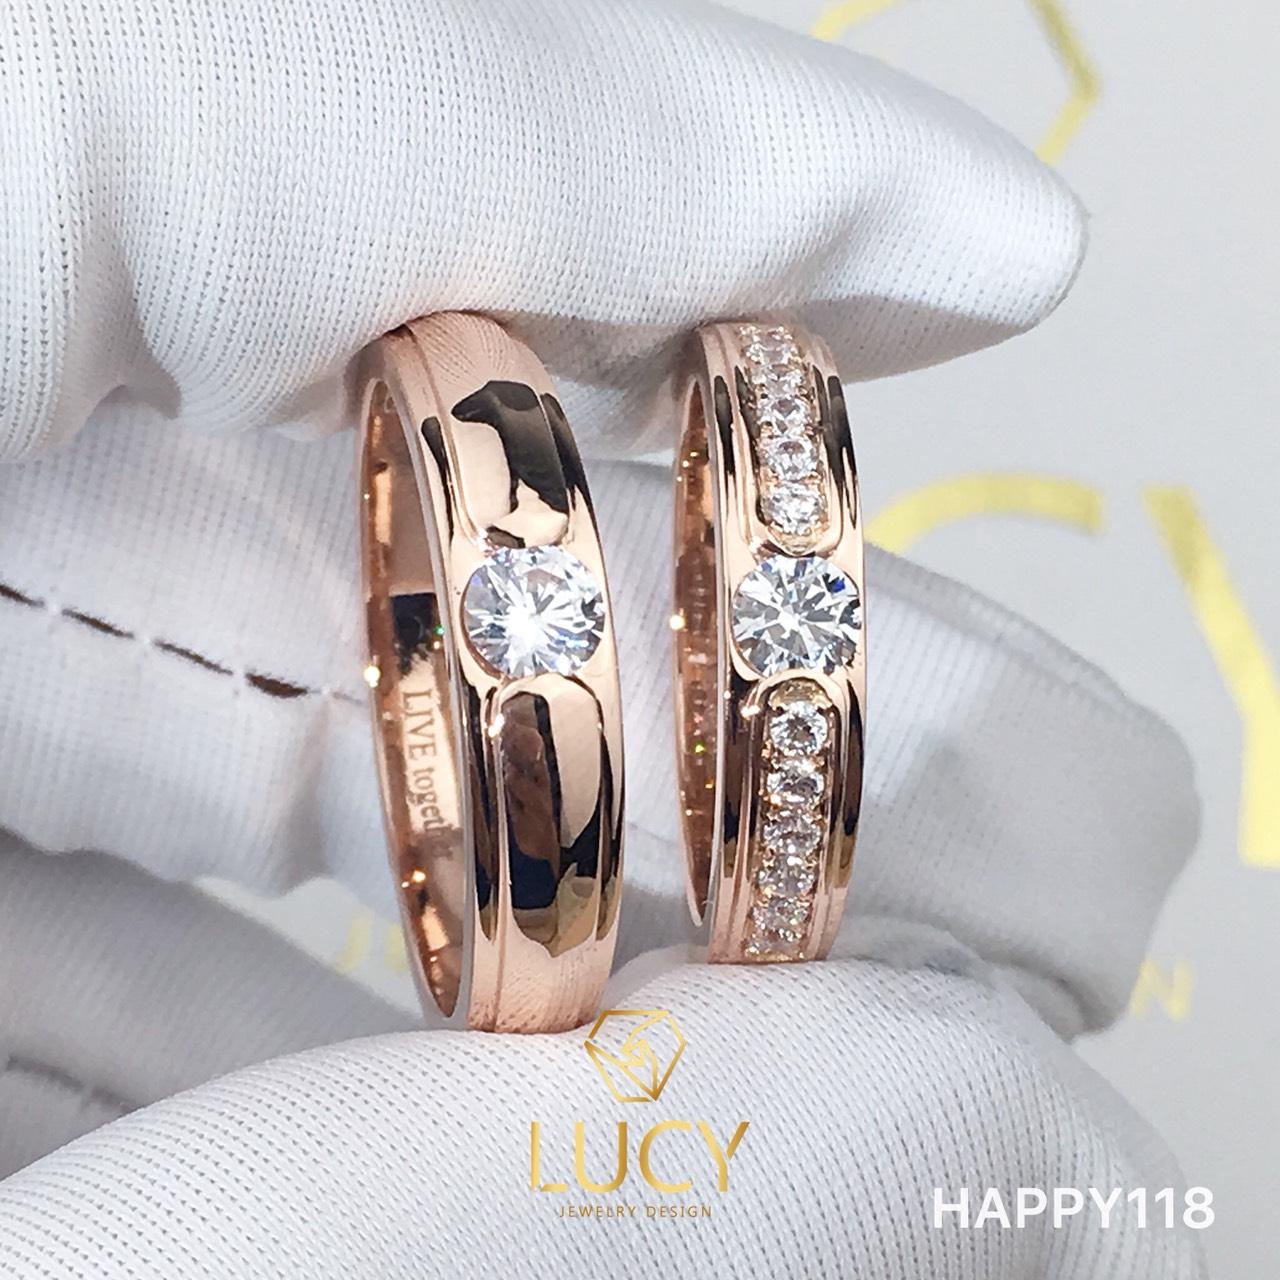 HAPPY118 Nhẫn cưới thiết kế, nhẫn cưới cao cấp, nhẫn cưới kim cương 4.0mm 3.6mm 3.5mm - Lucy Jewelry